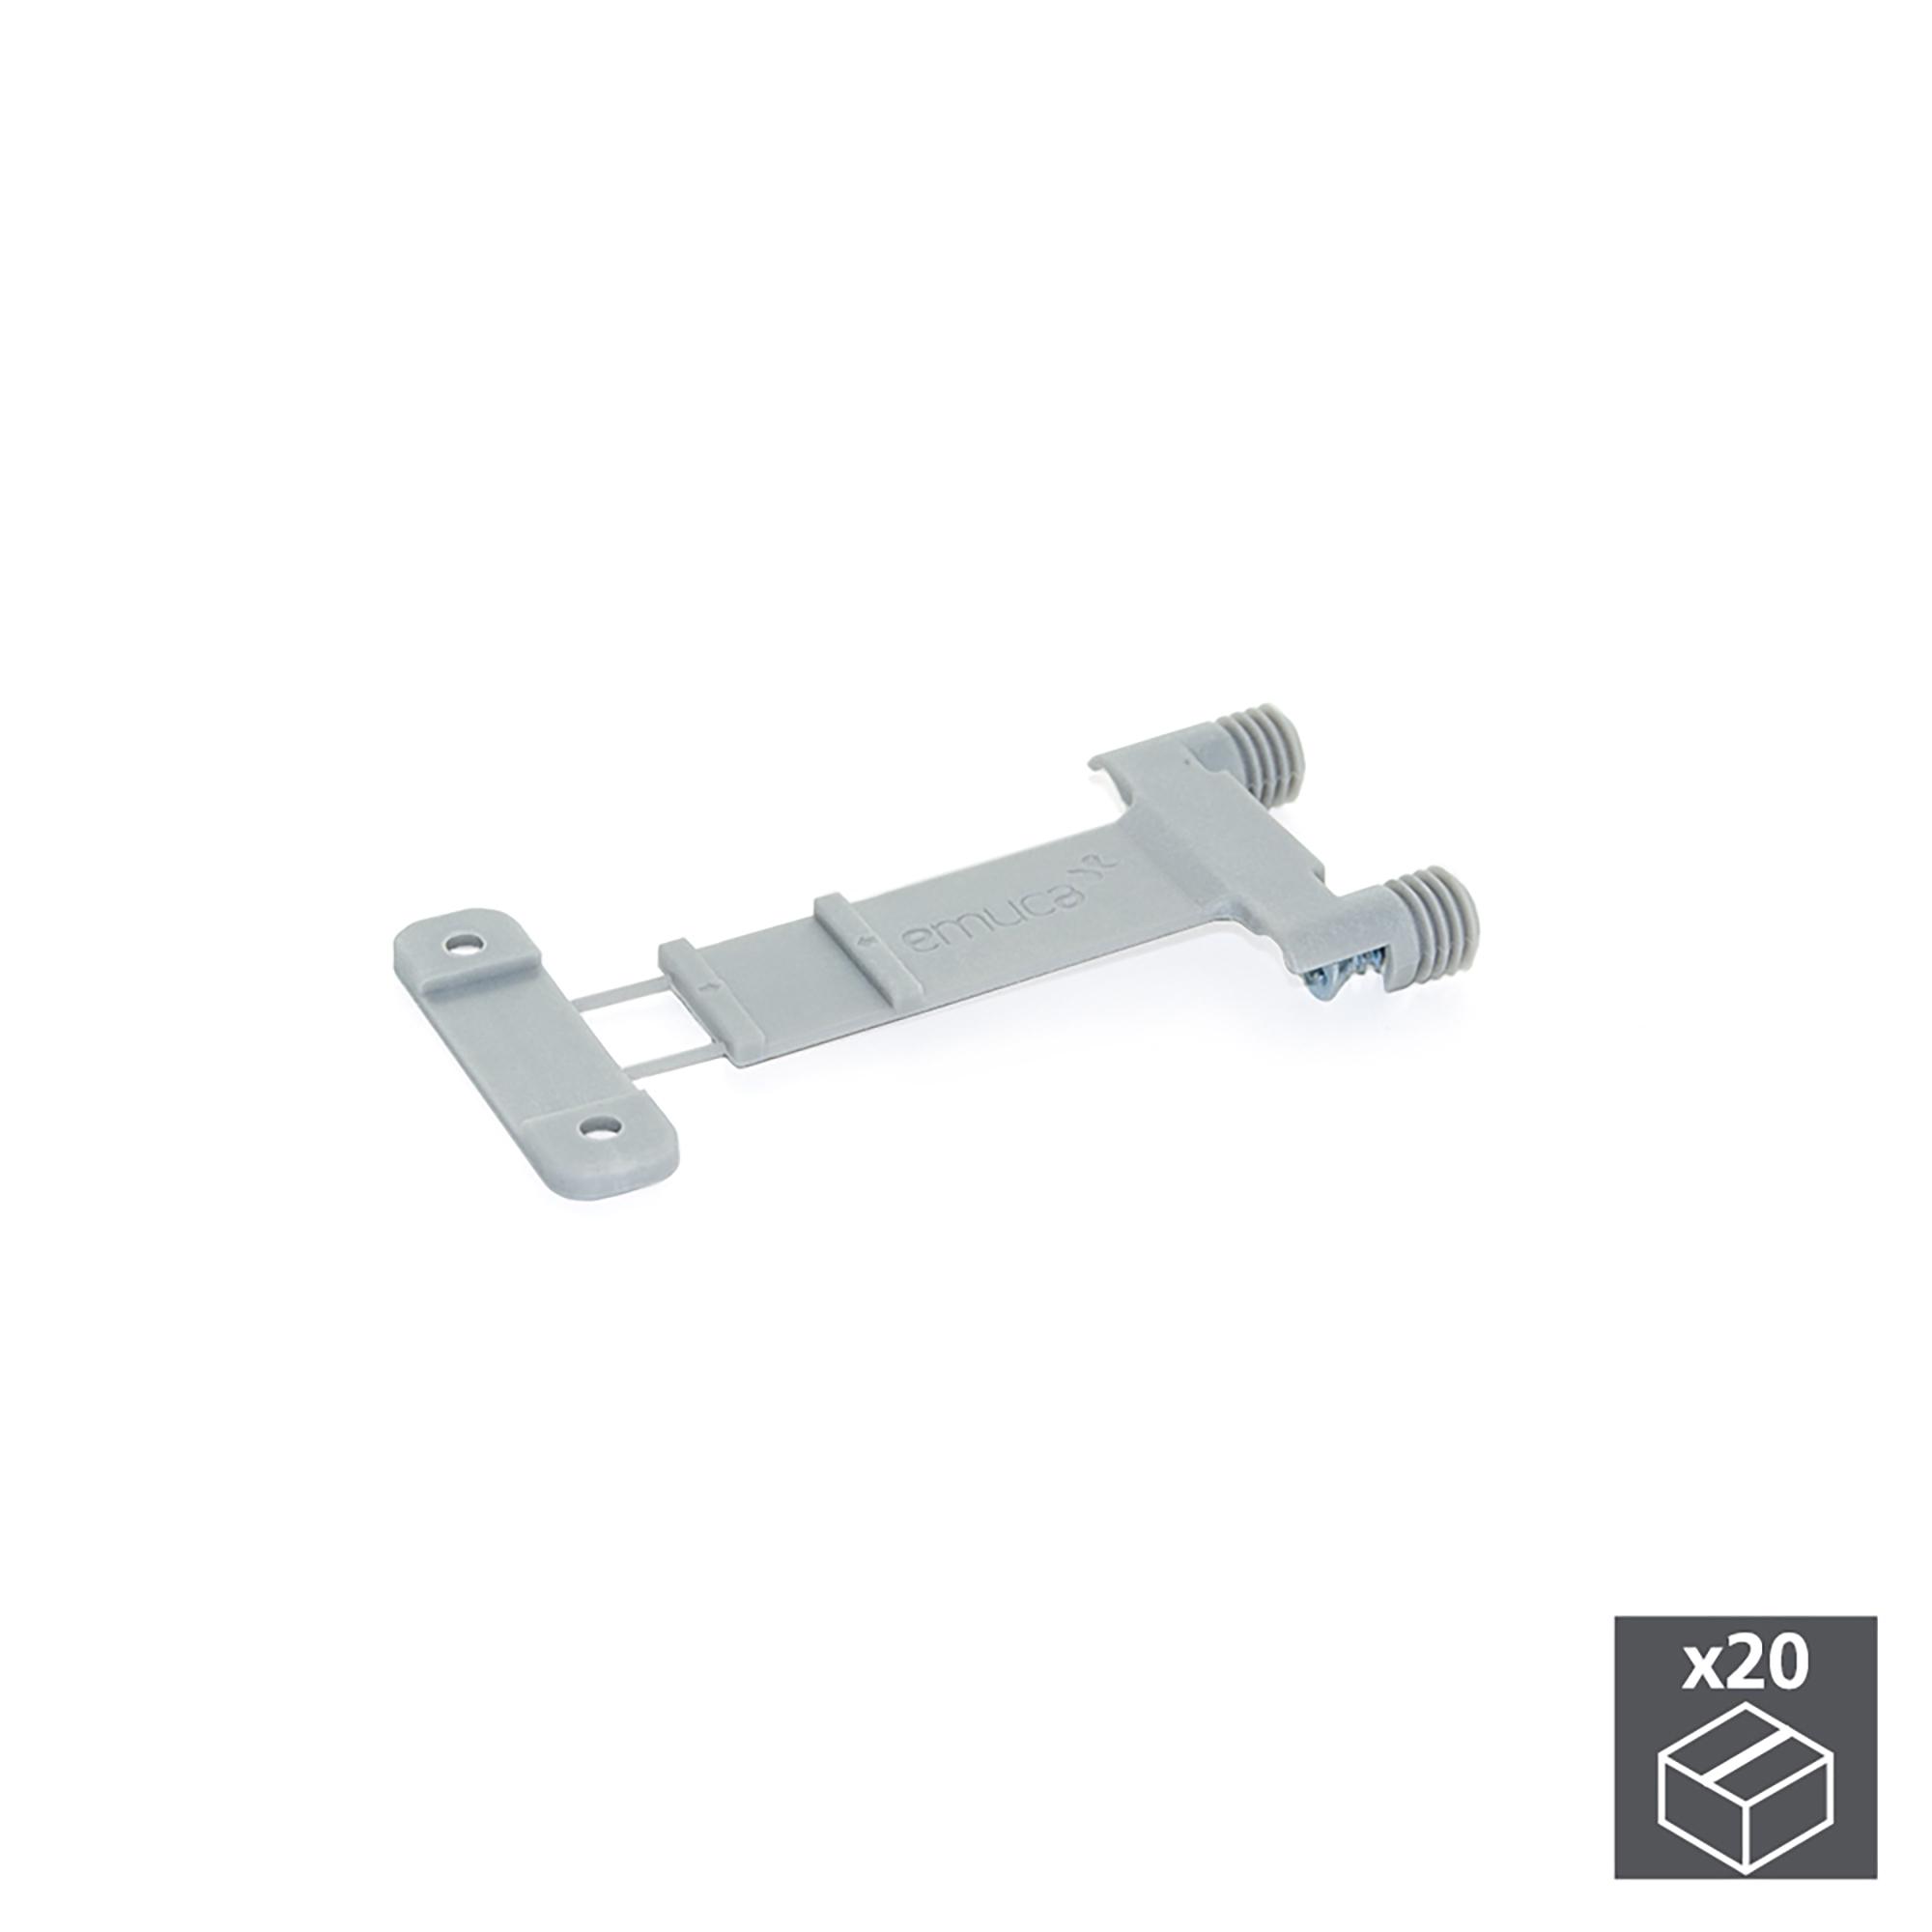 Emuca Meccanismo Lokbox per fissare il fondo del cassetto, Plastica, Grigio, 20 u.